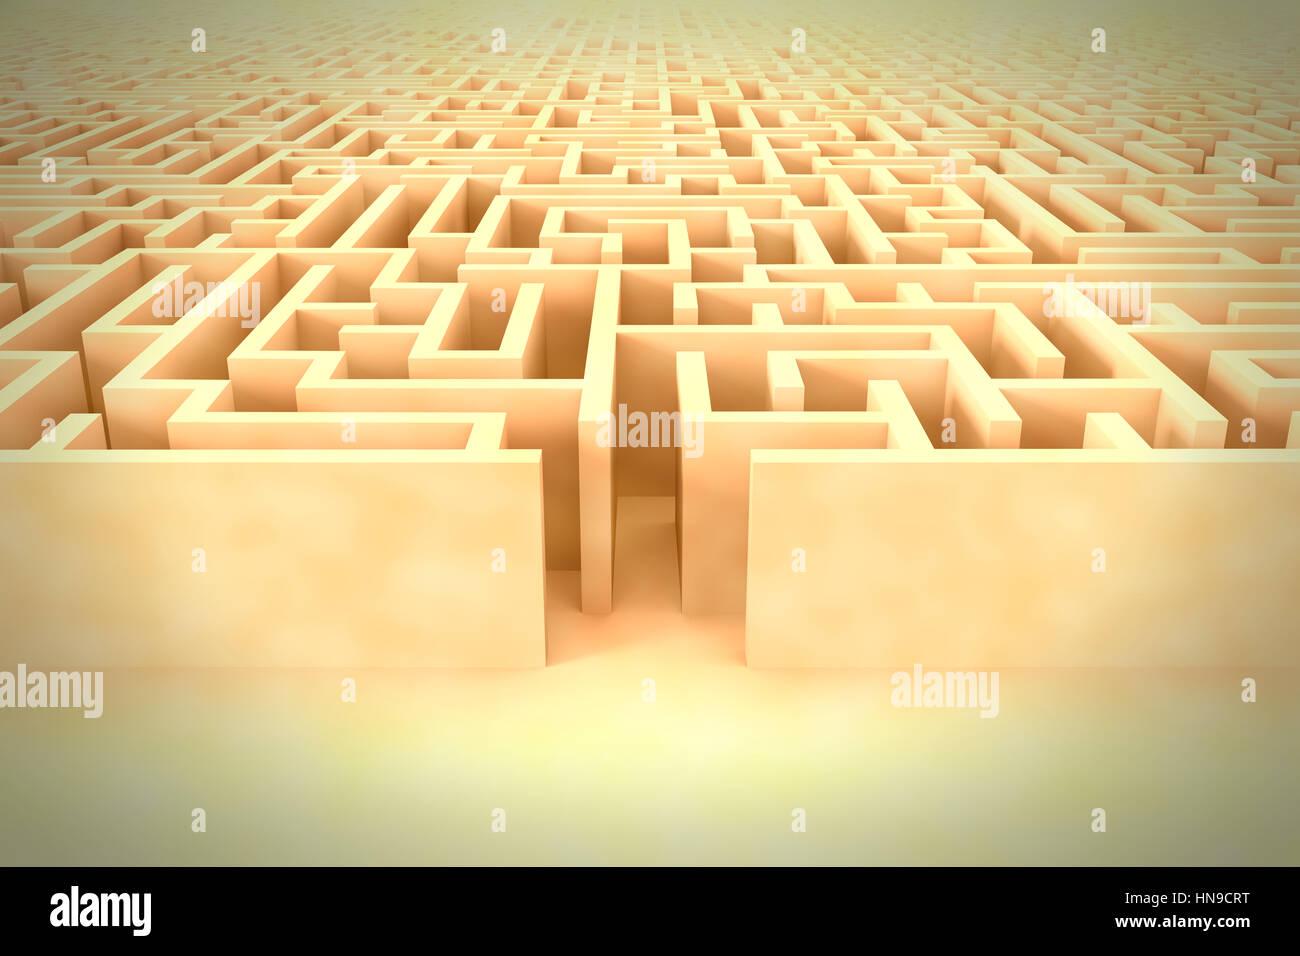 Vintage enorme struttura a labirinto con ingresso Immagini Stock